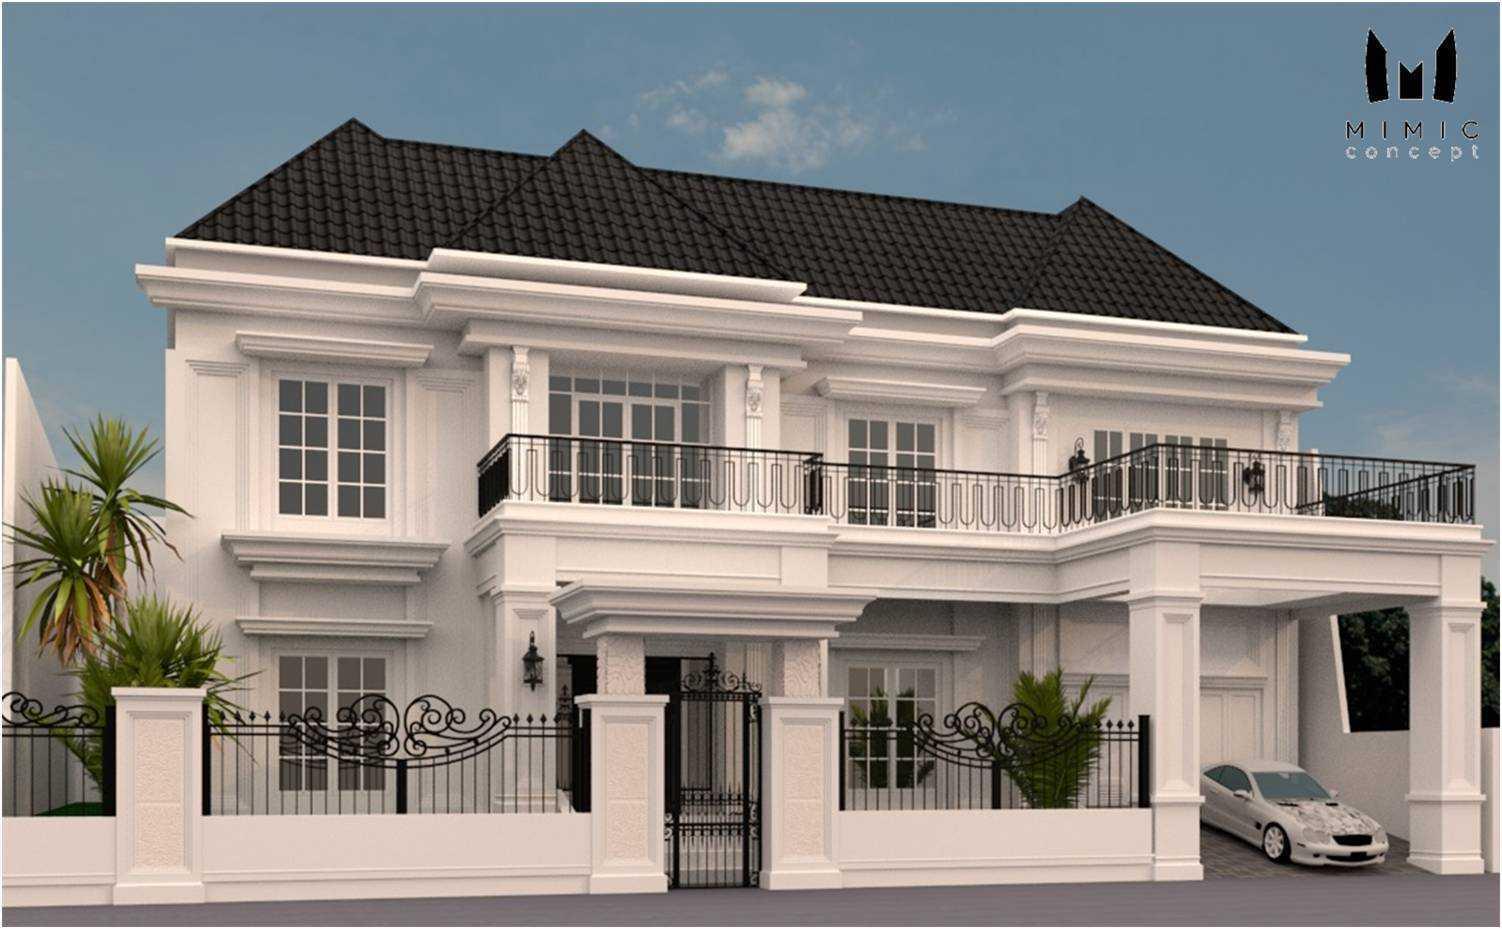 Jasa Arsitek Mimic Concept di Jakarta Utara